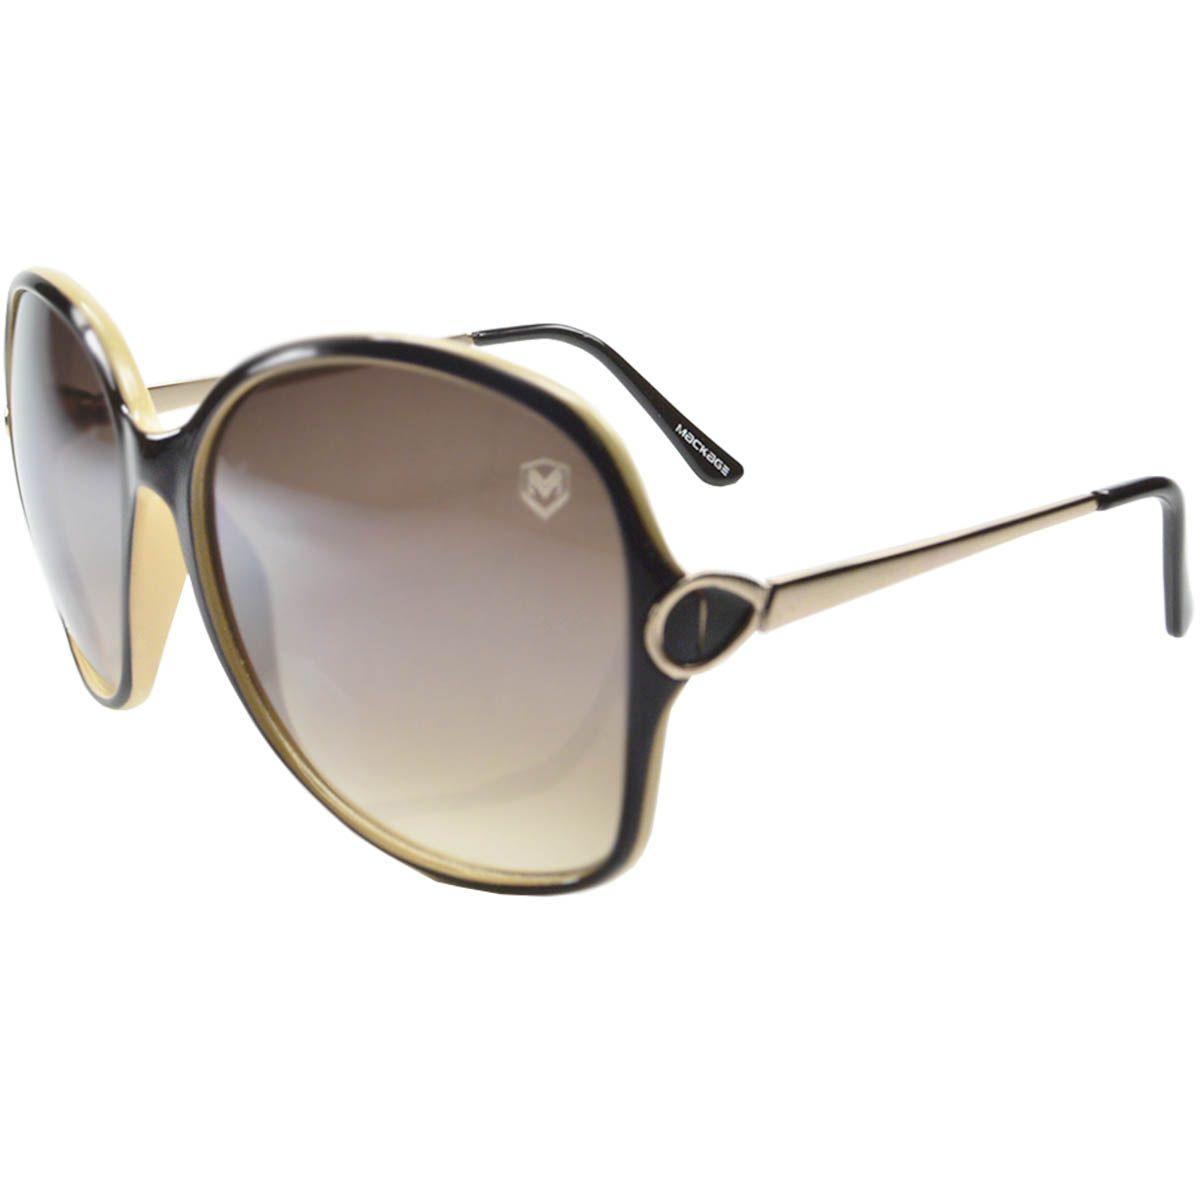 9963ad78f8317 Óculos de Sol Feminino Mackage MK2608 - Mackage ...